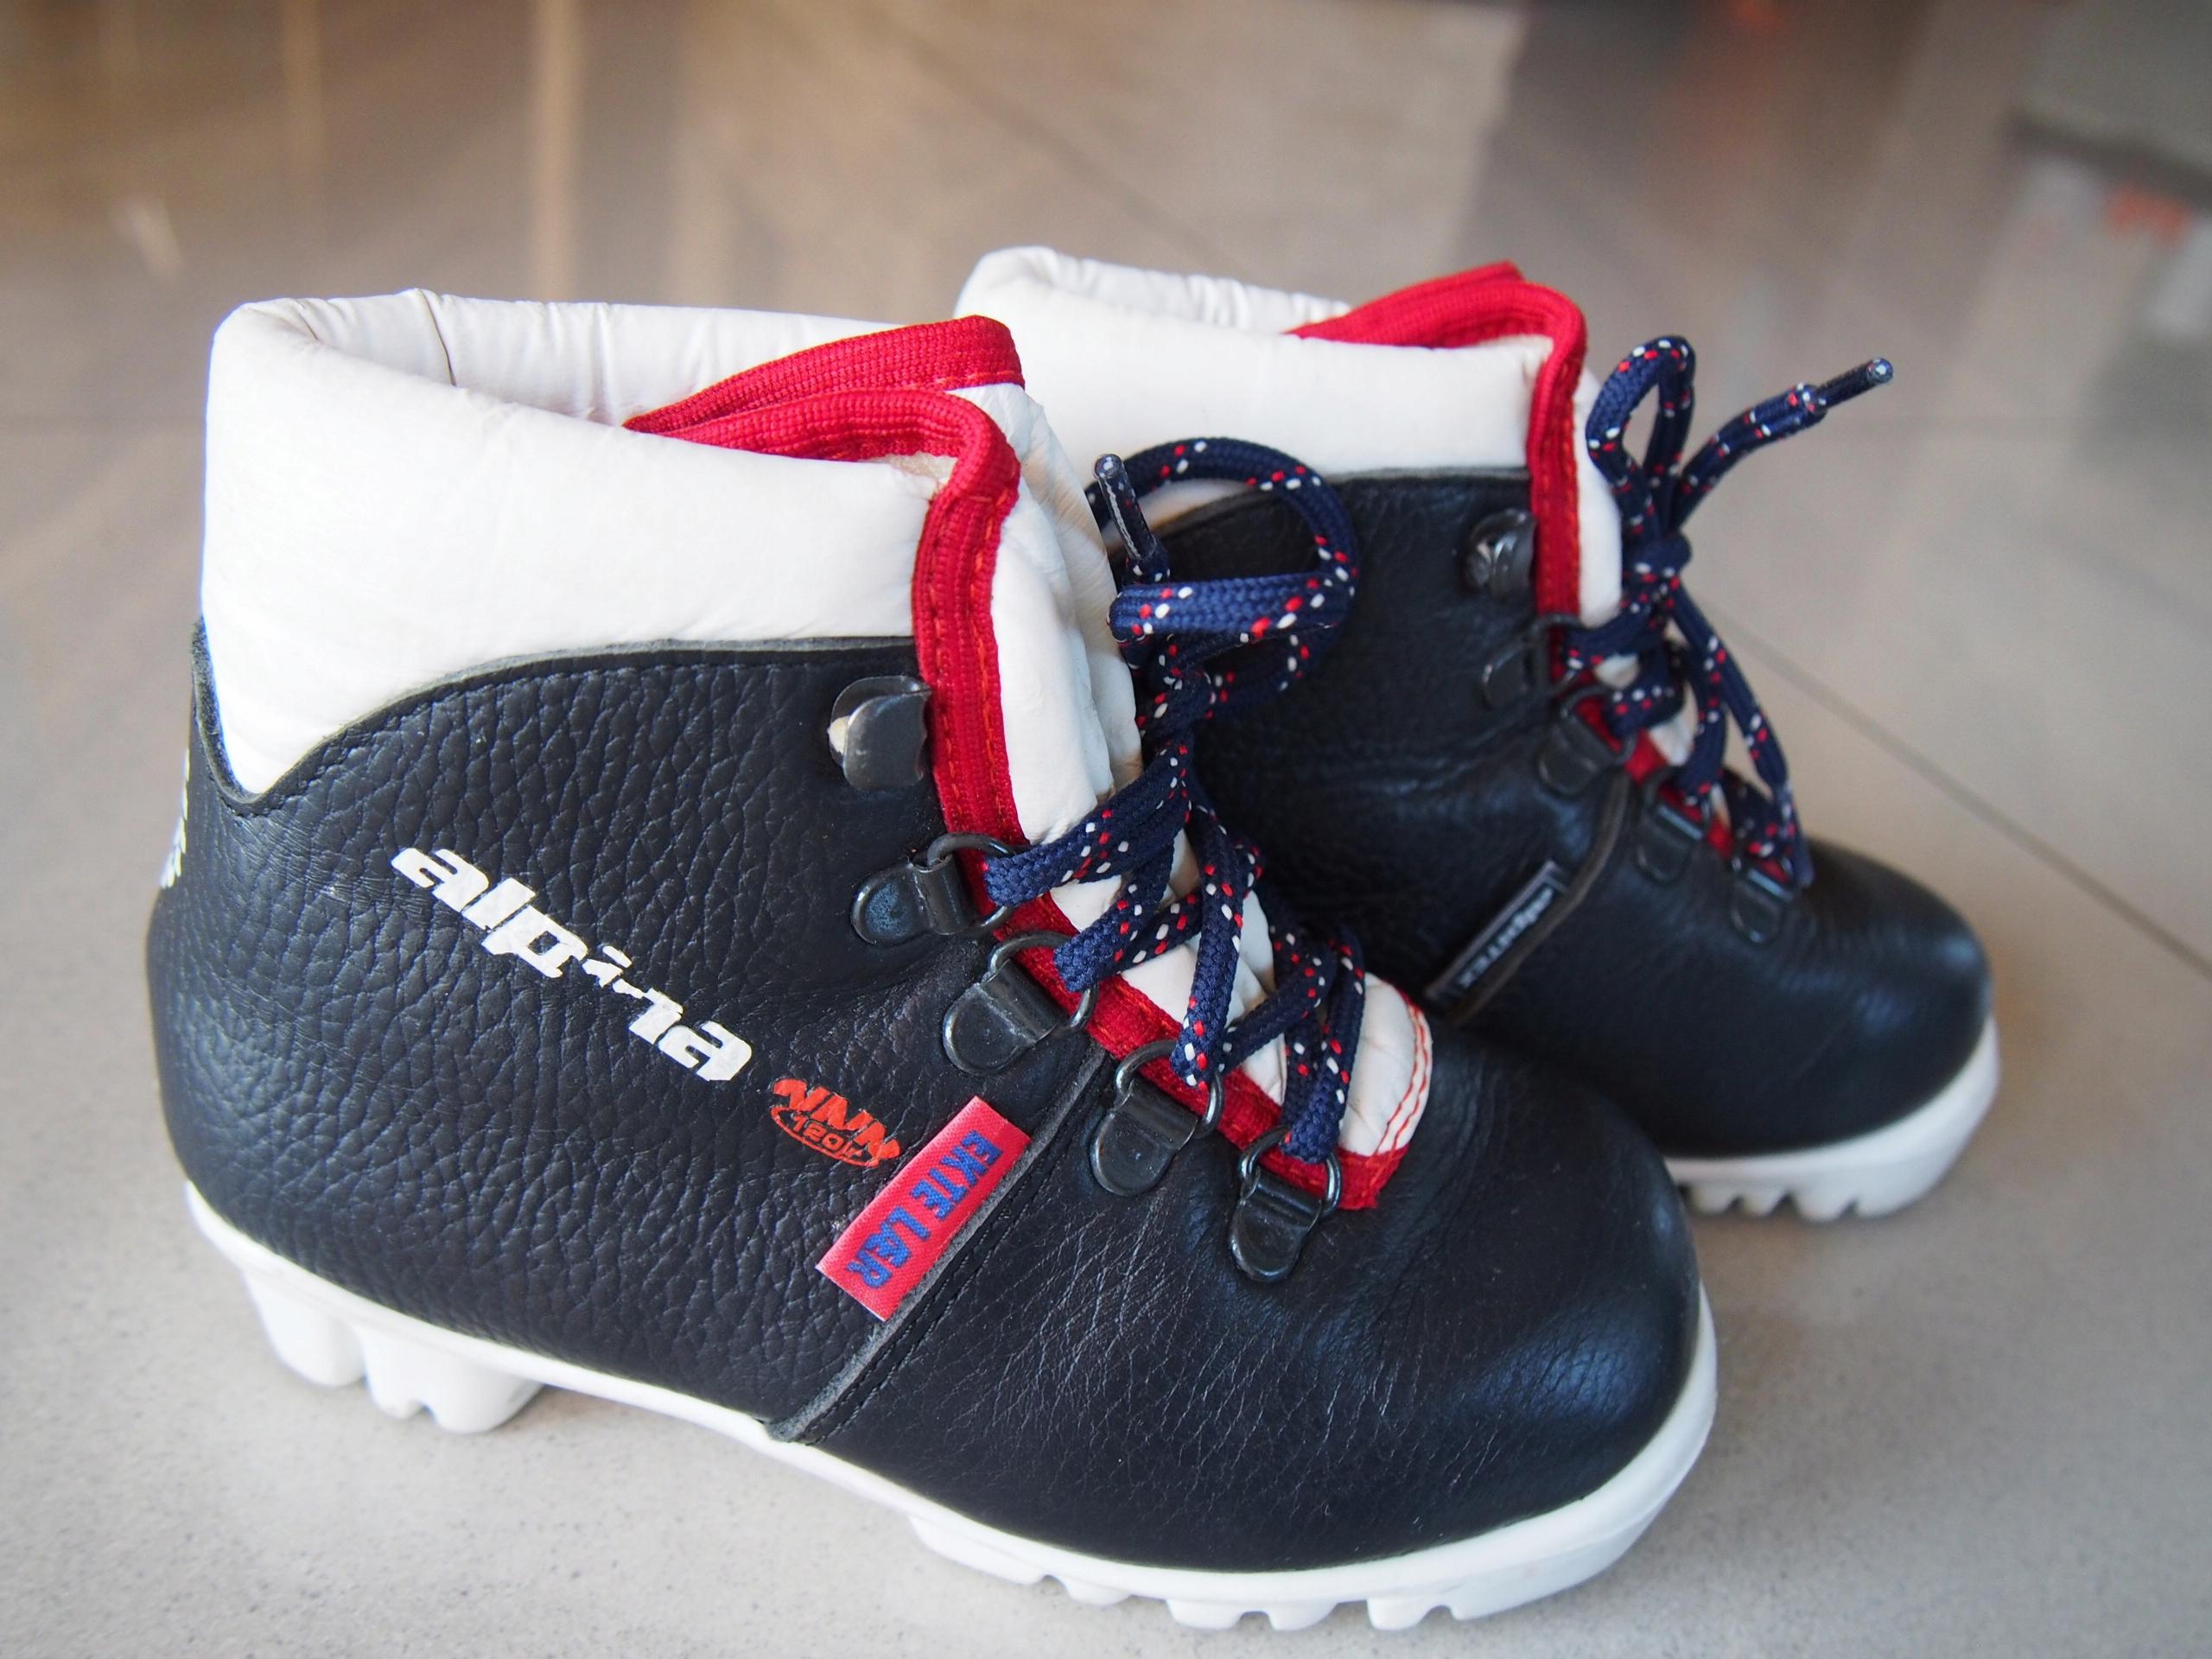 Buty do nart biegowych 28 Alpina NNN